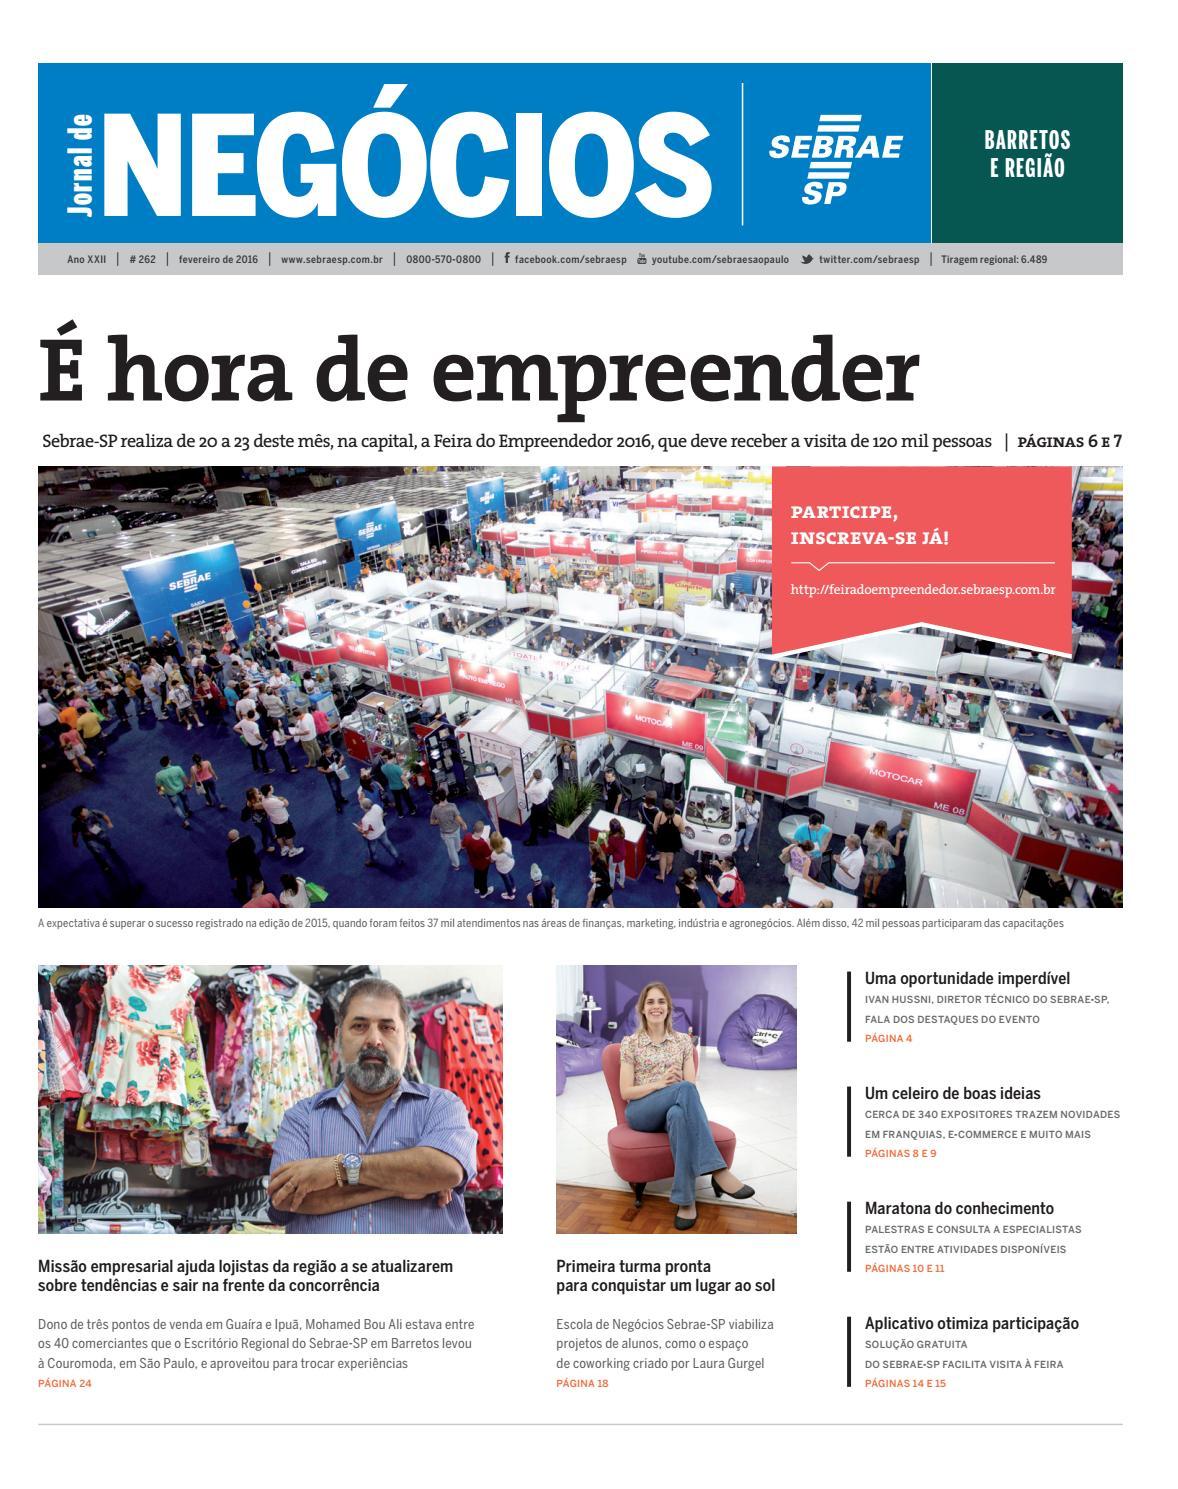 Jornal de Negócios Sebrae-SP - 01 de fevereiro de 2016 - Barretos by  Sebrae-SP - issuu 49447ade48